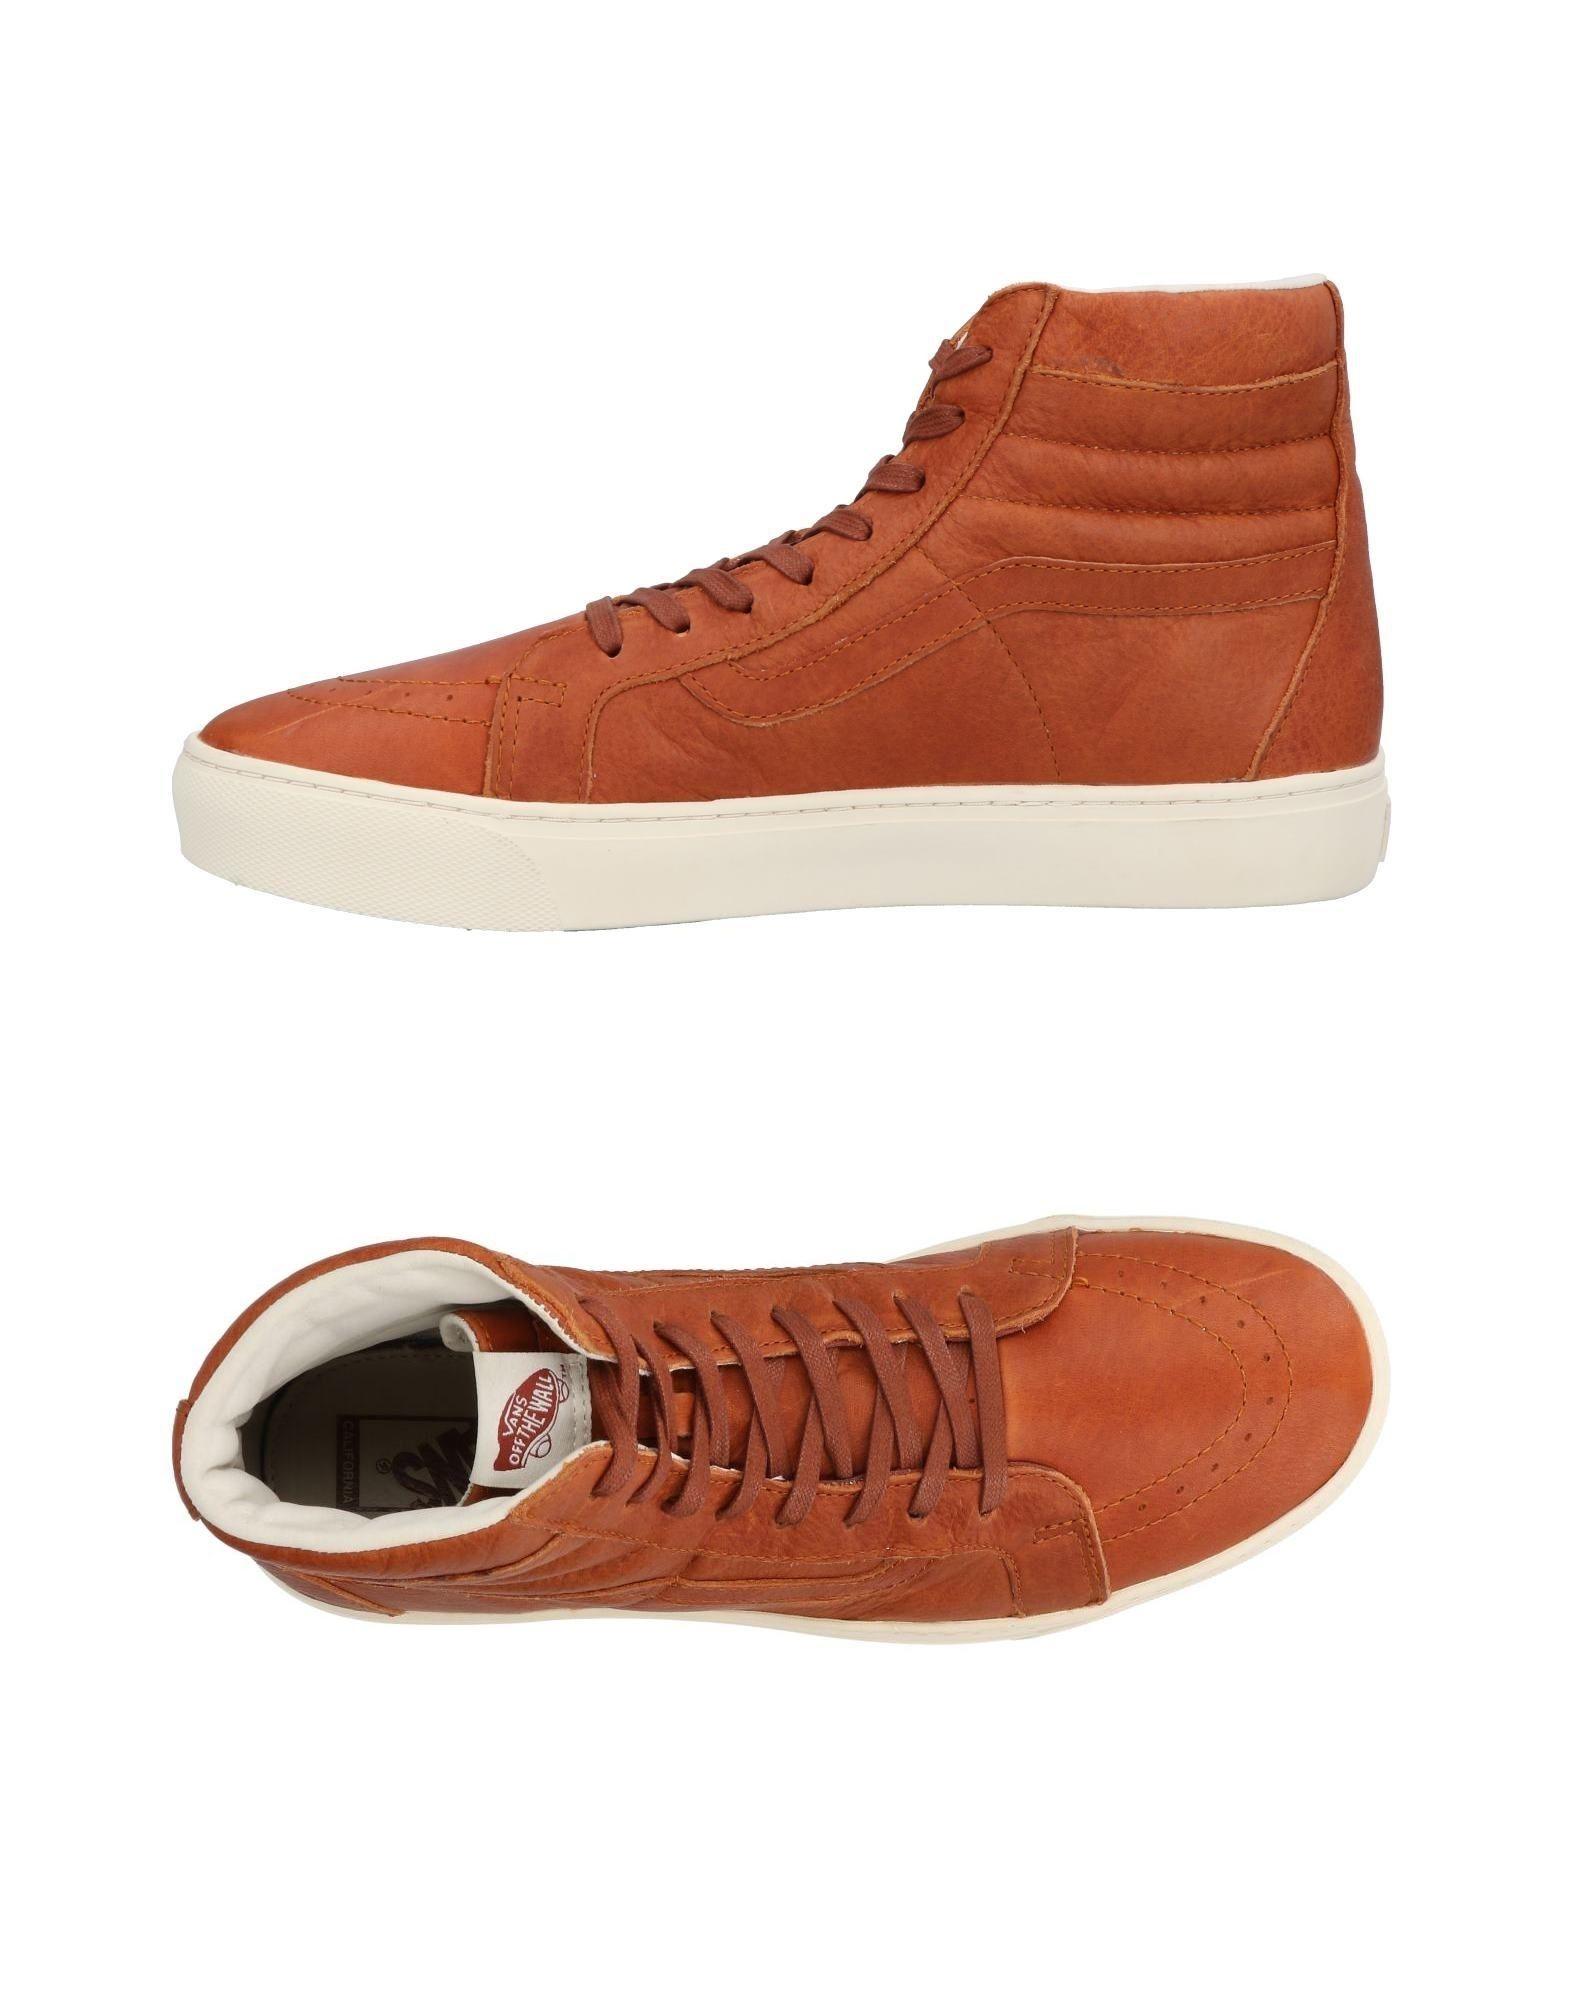 Rabatt echte Schuhe Vans 11466634PD California Sneakers Herren  11466634PD Vans 6456ca